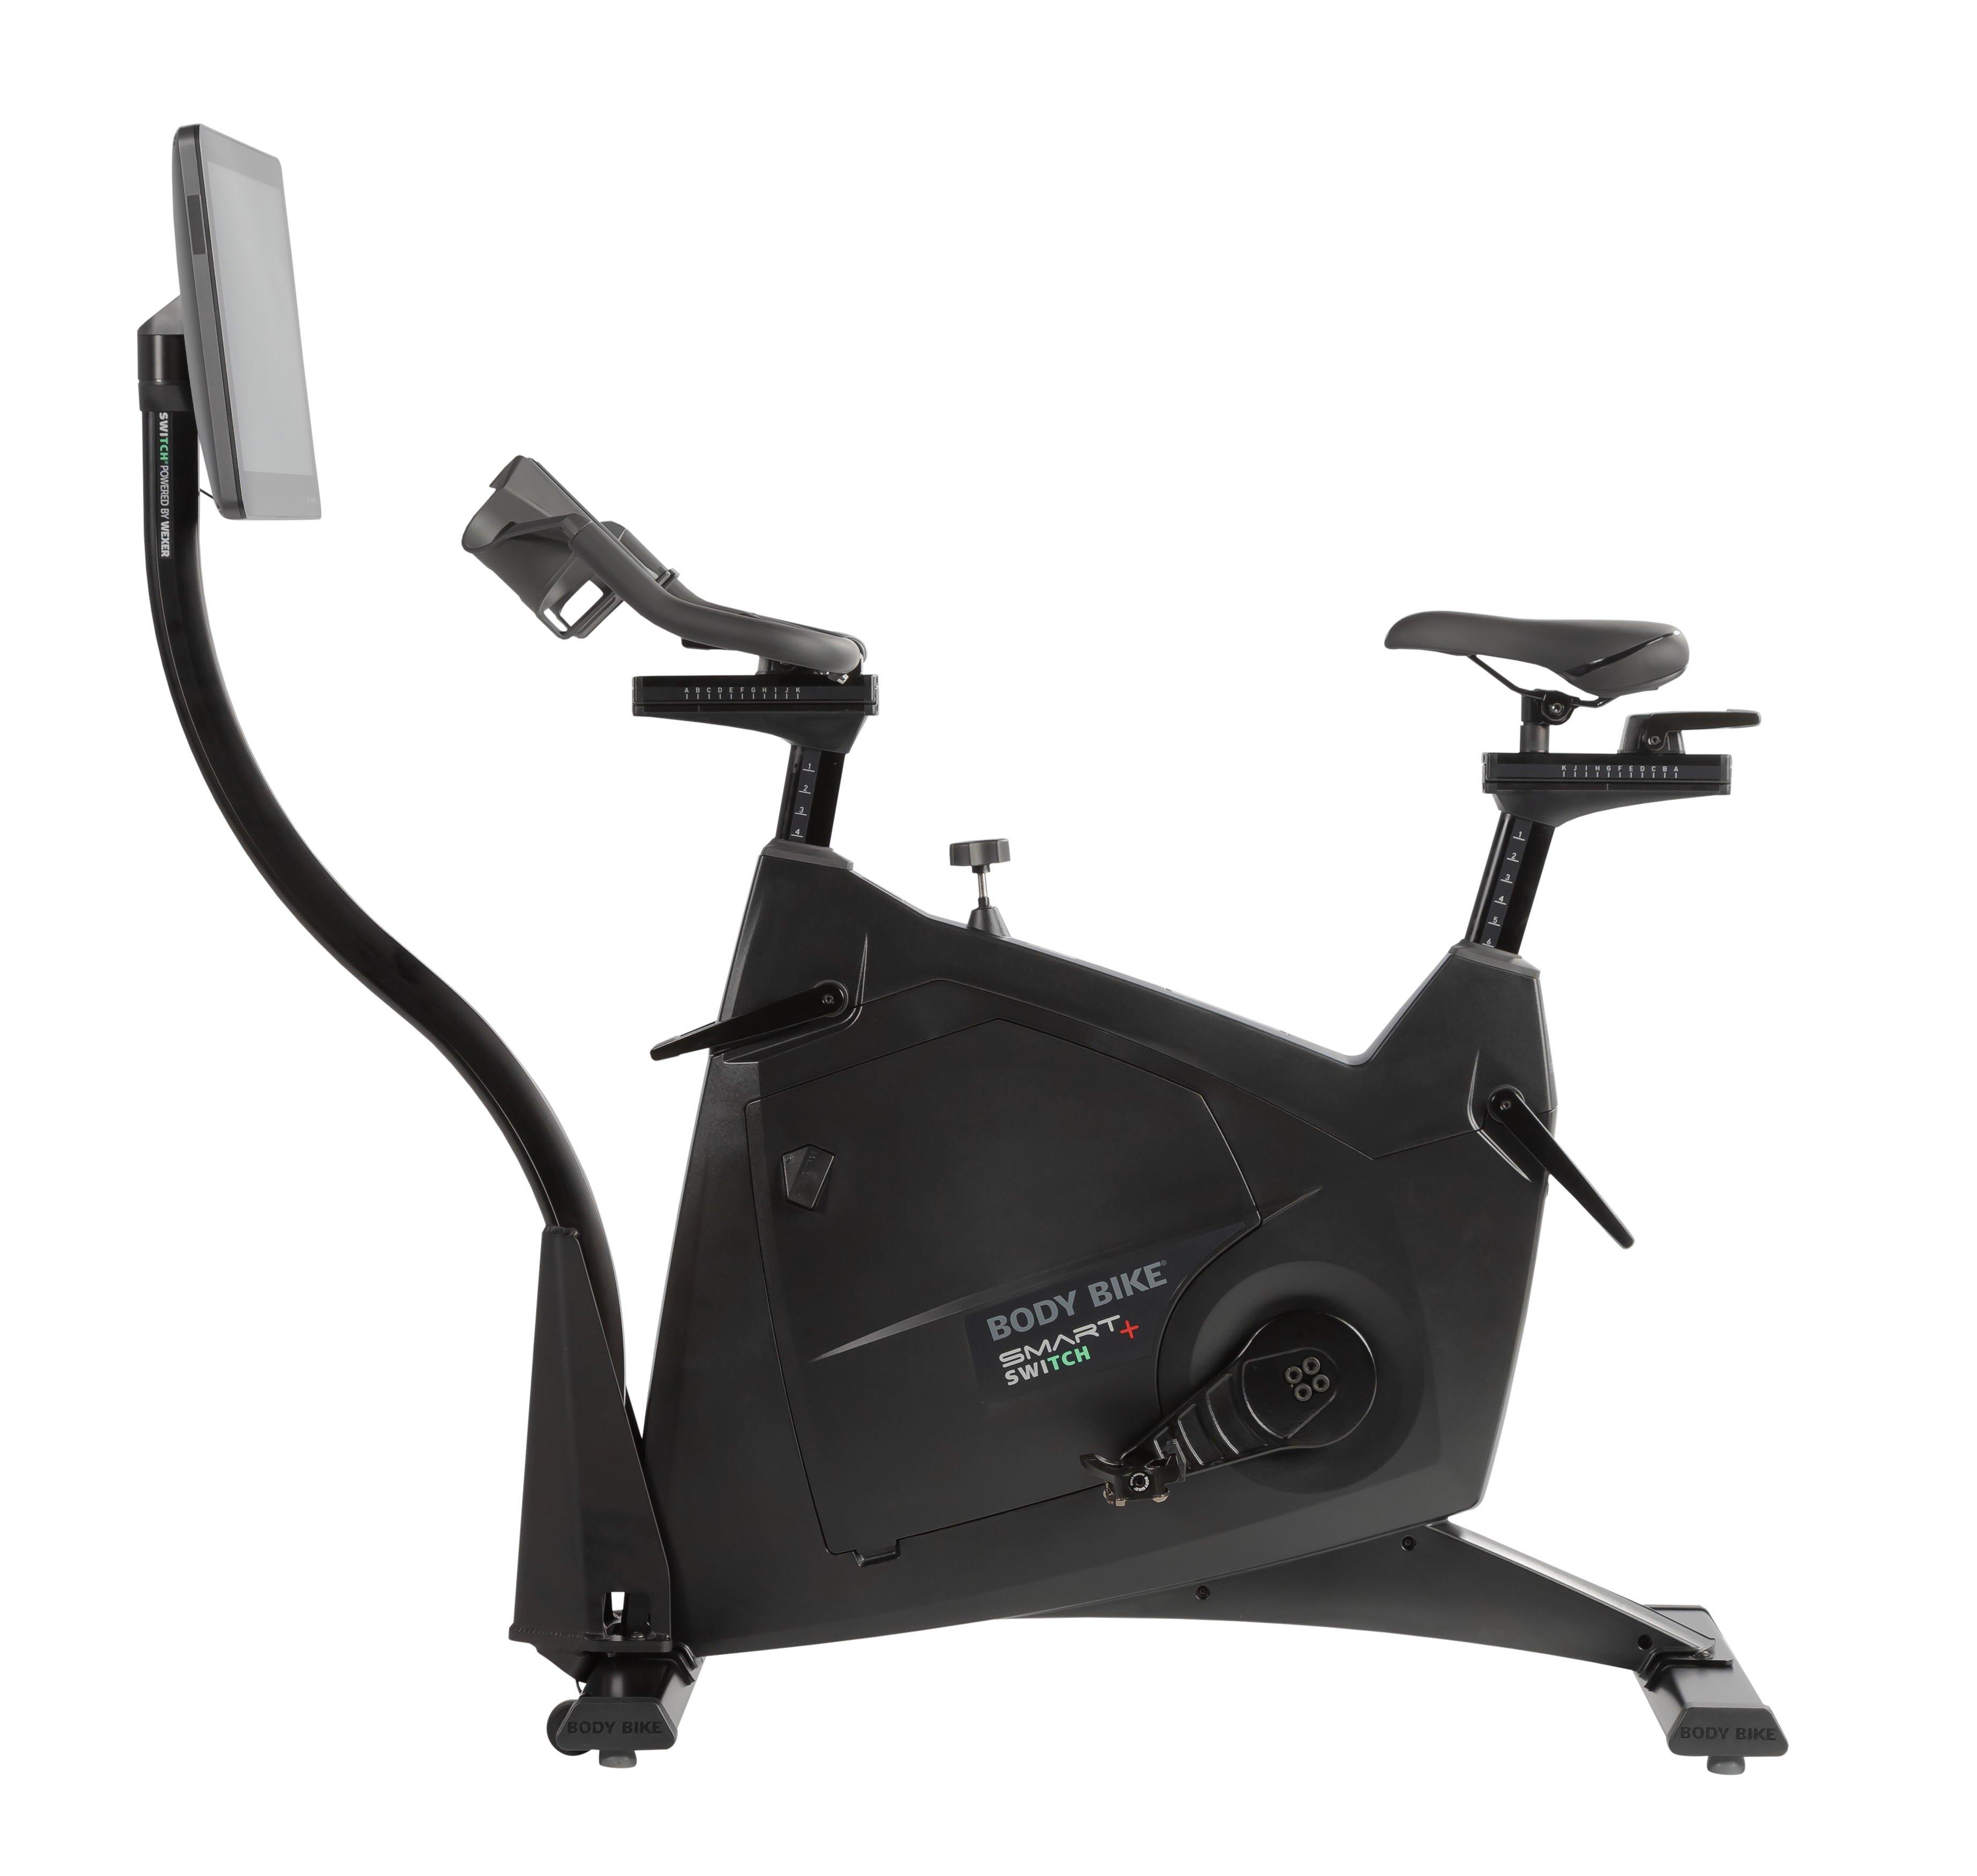 Body Bike Smart+ Switch